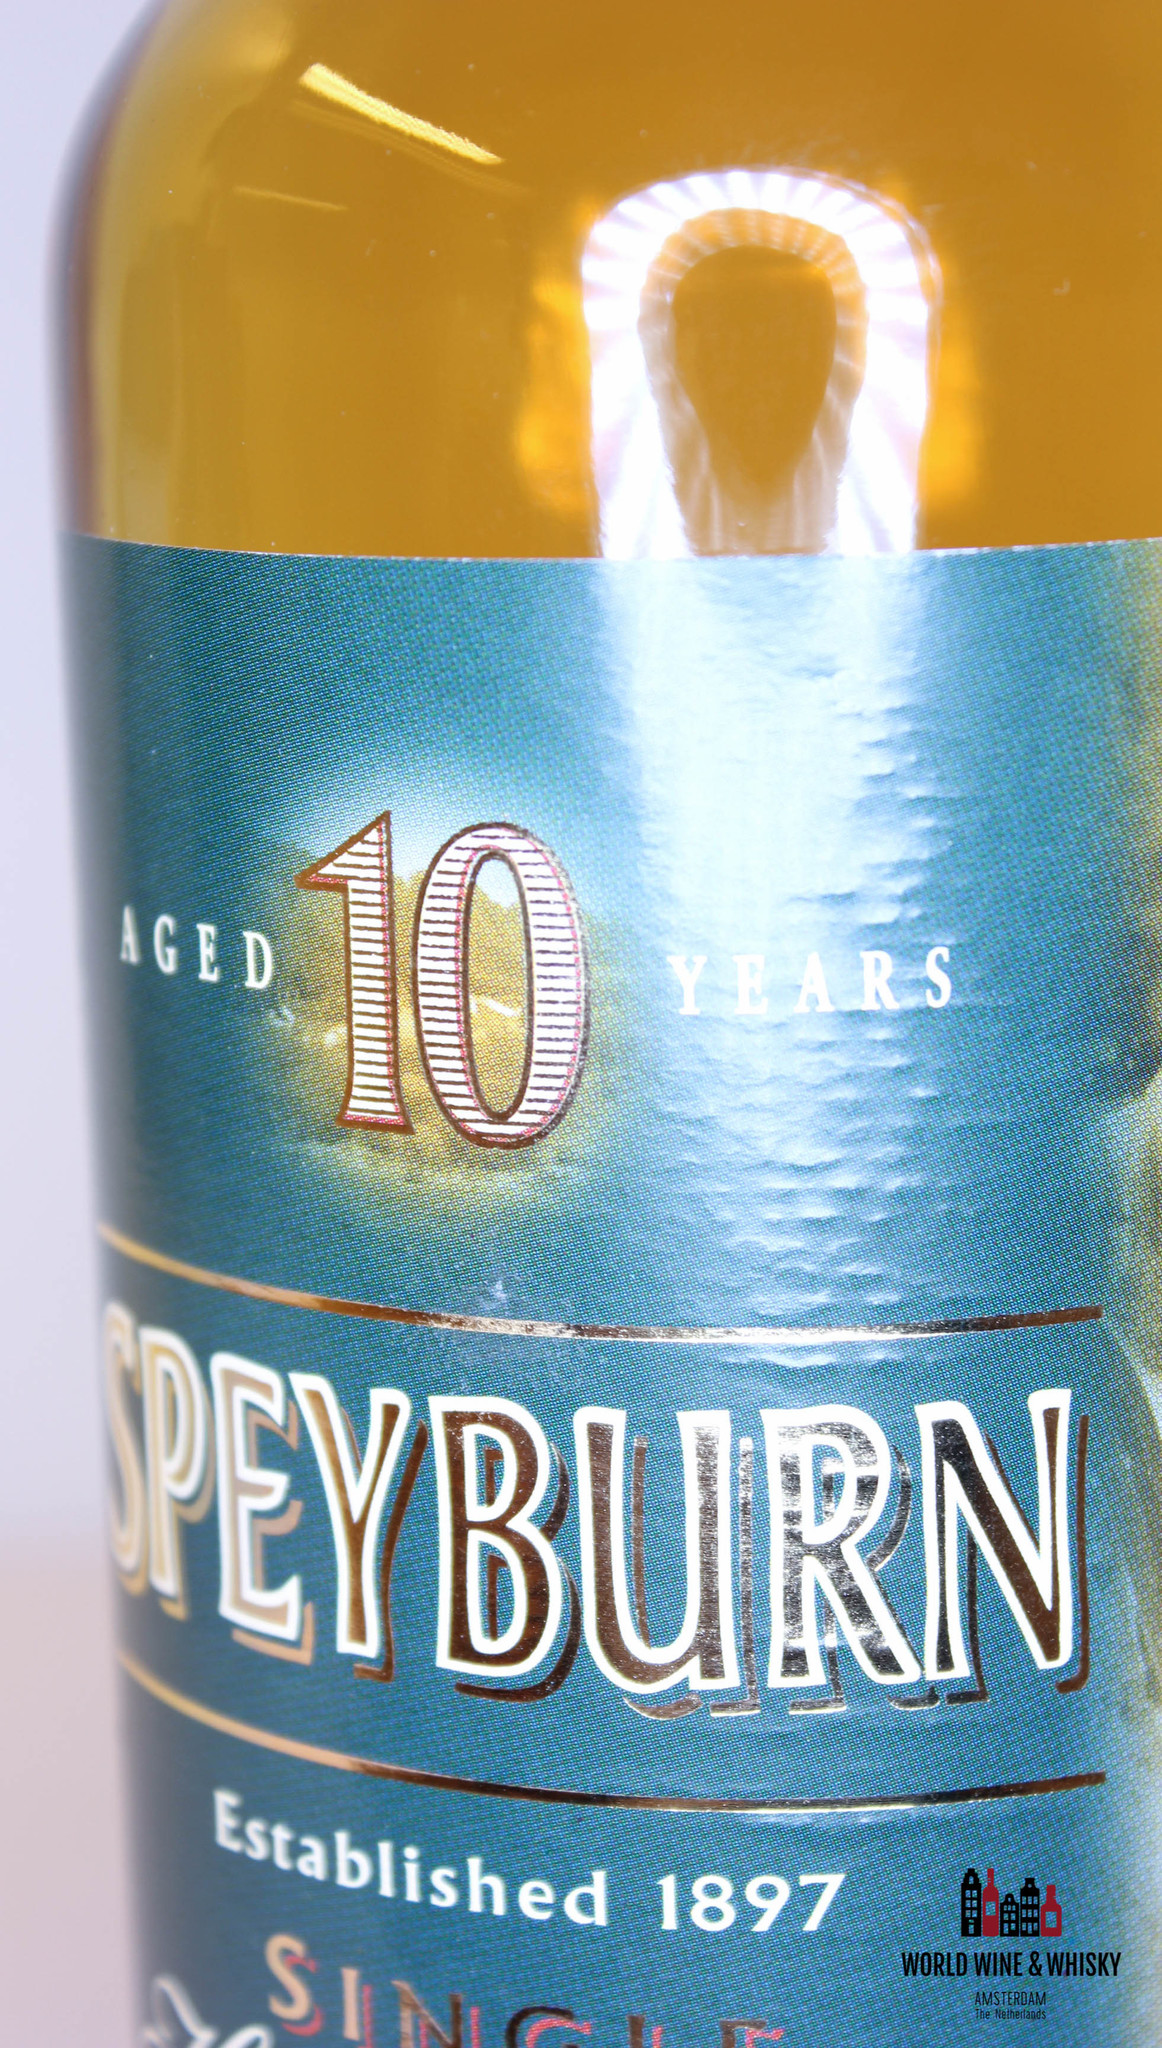 Speyburn Speyburn 10 Years Old - Fish Edition 40% (700ml)